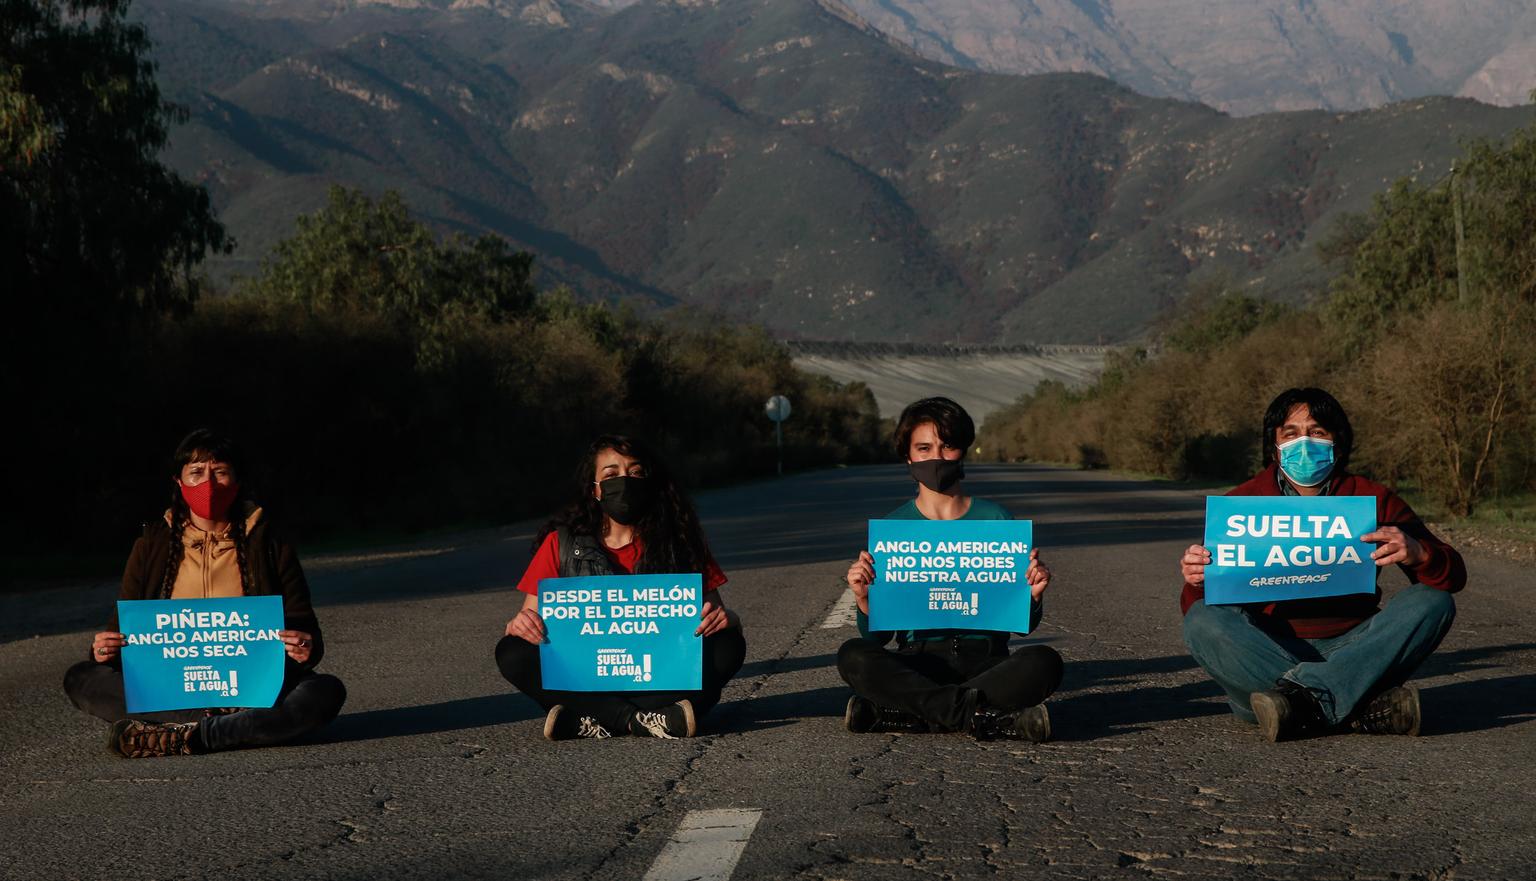 Expectación ante fallo de recurso presentado por vecinos de Nogales contra minera Anglo American